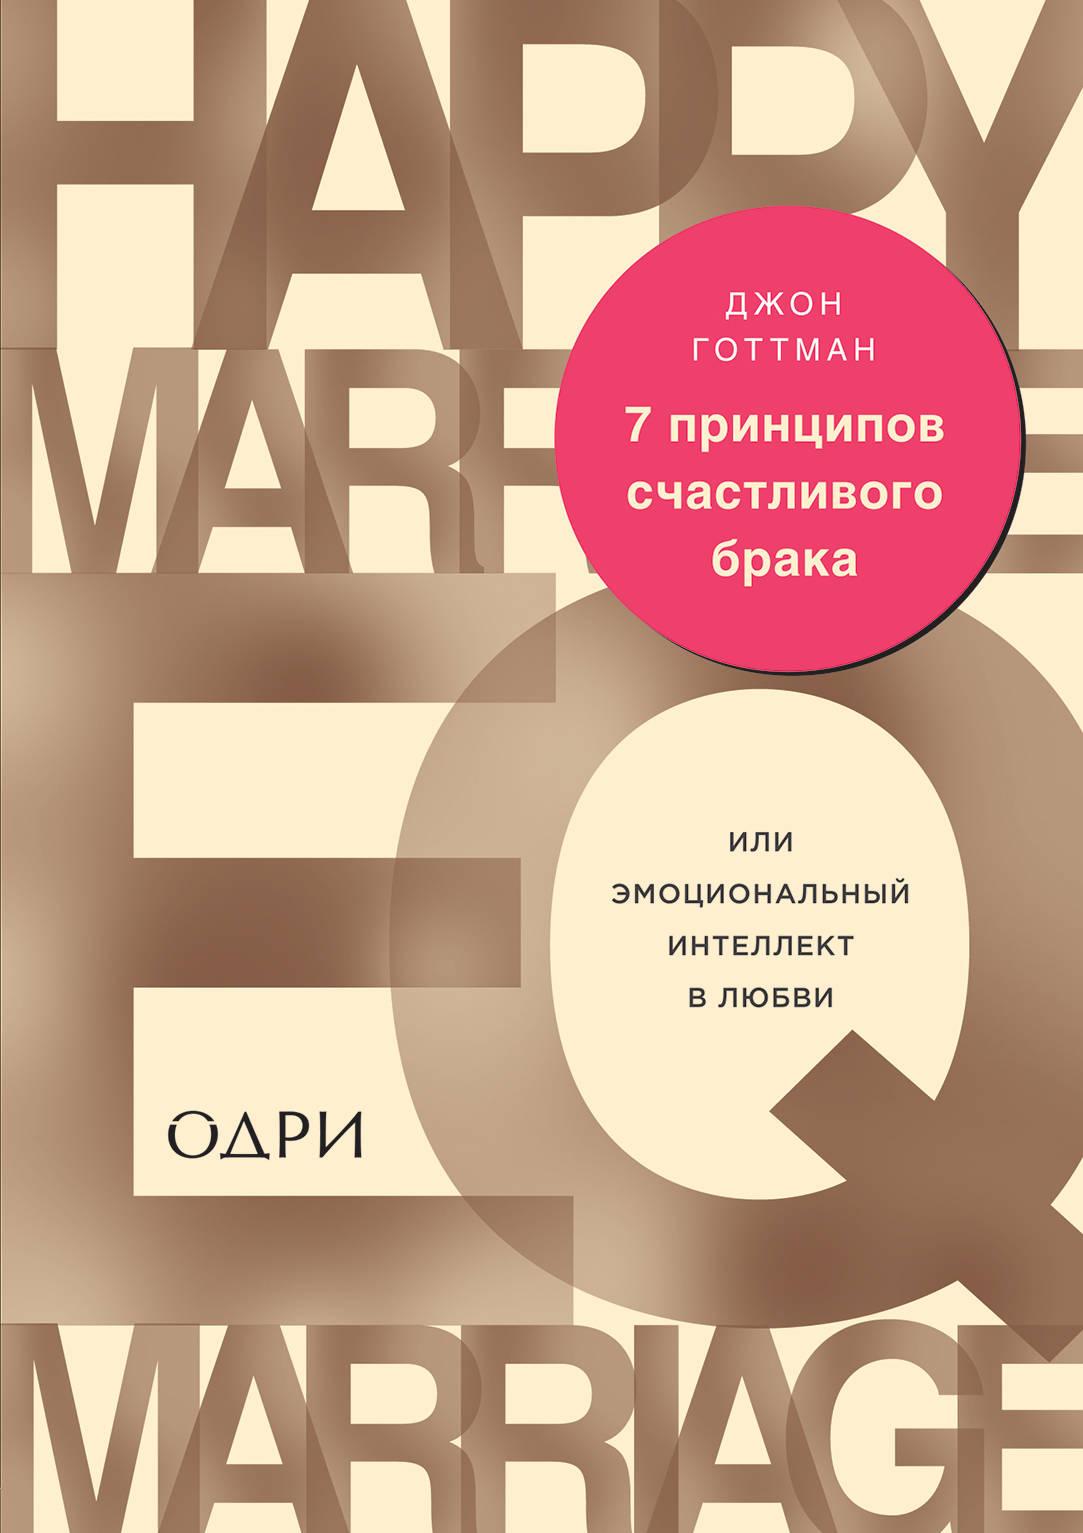 Джон Готтман 7 принципов счастливого брака, или Эмоциональный интеллект  любви